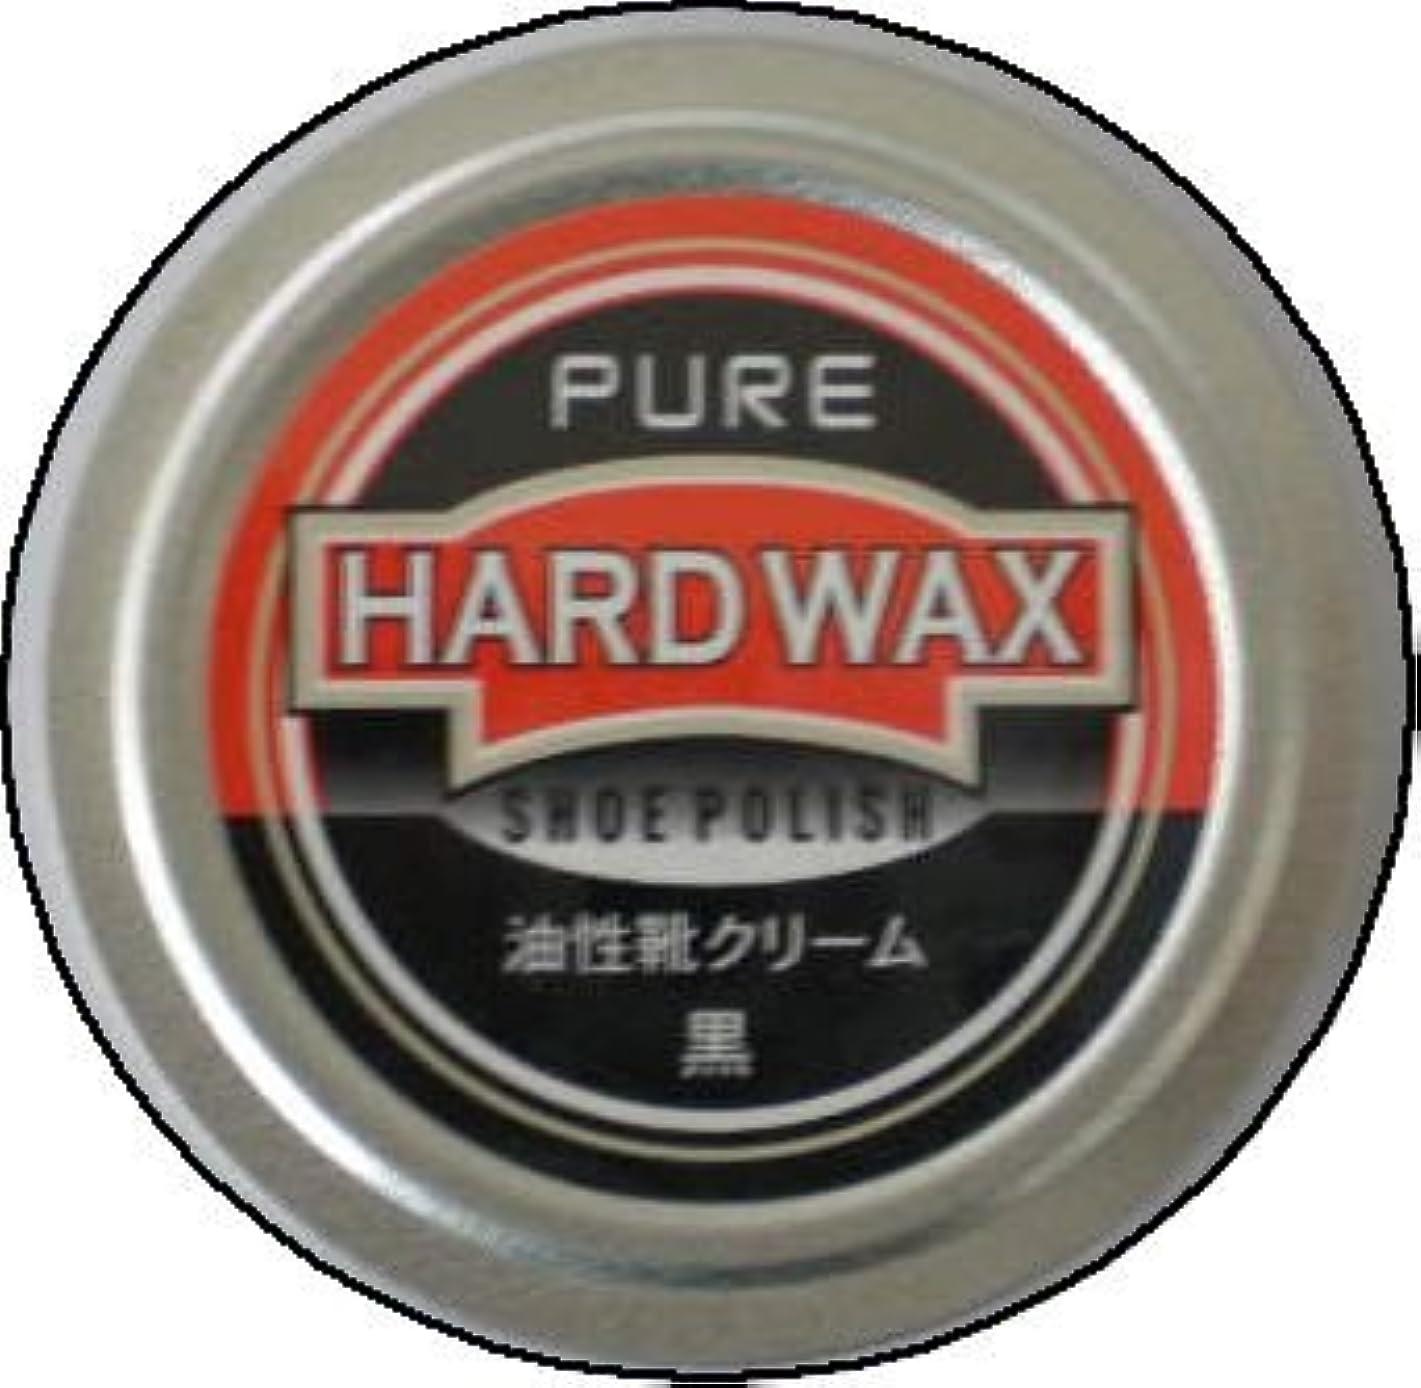 アンカーもっともらしい輝くライオン ピュア ハードワックス 中缶 50ml (黒)